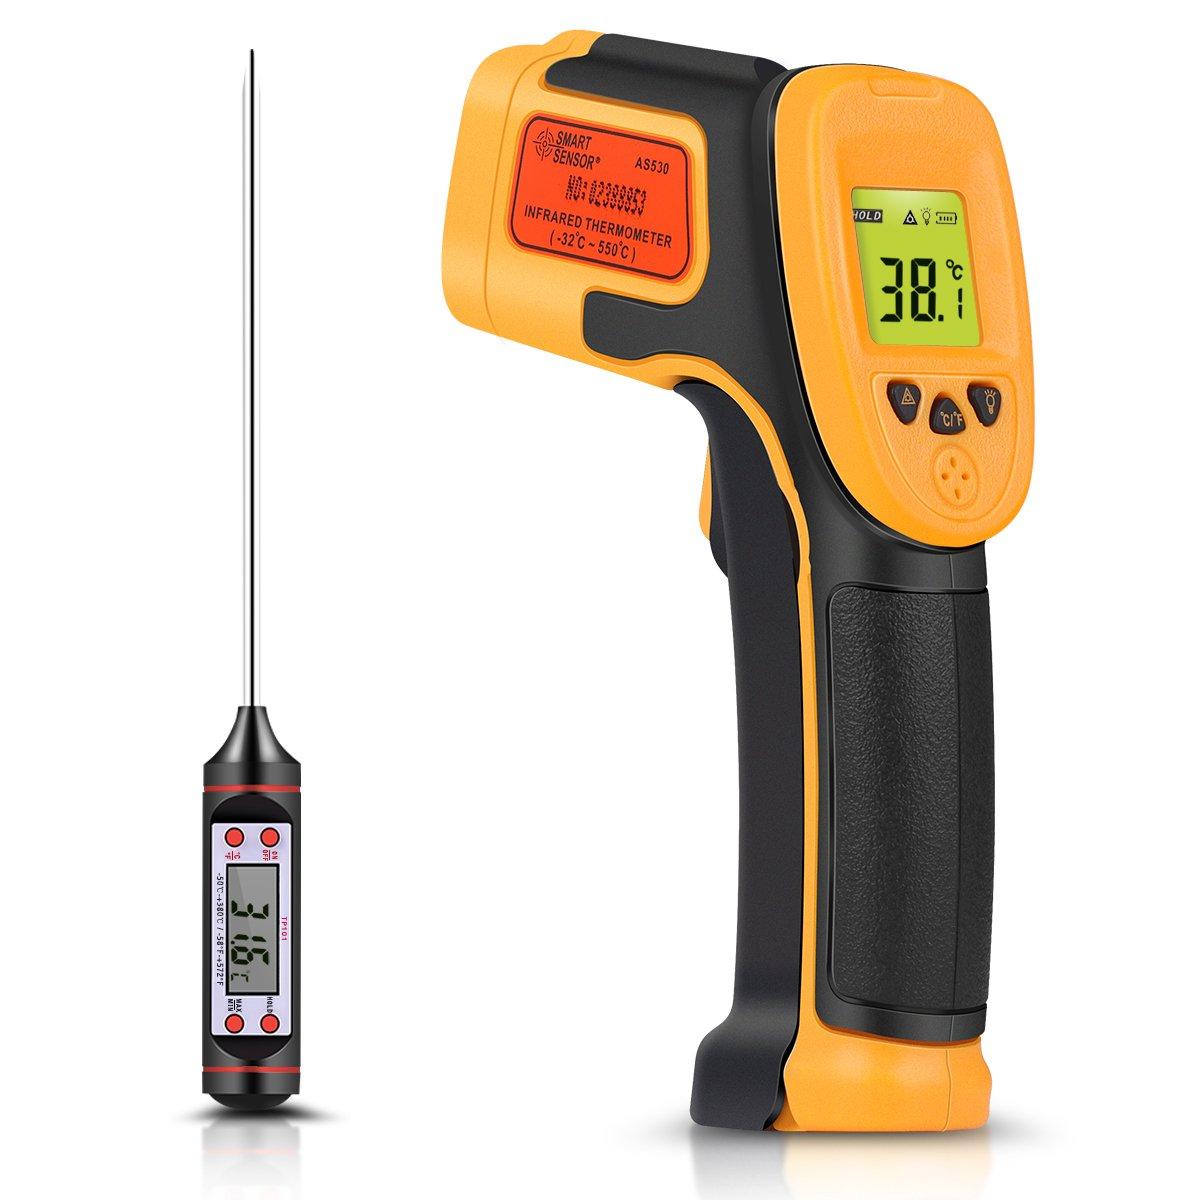 Termometro a infrarossi, termometro digitale a infrarossi per laser Temperatura pistola -26 ° F ~ 1022 ° F (-32 ° C ~ 550 ° C) Sonda di temperatura per cottura / aria / frigorifero - Termometro per ca sovarcate TAS530